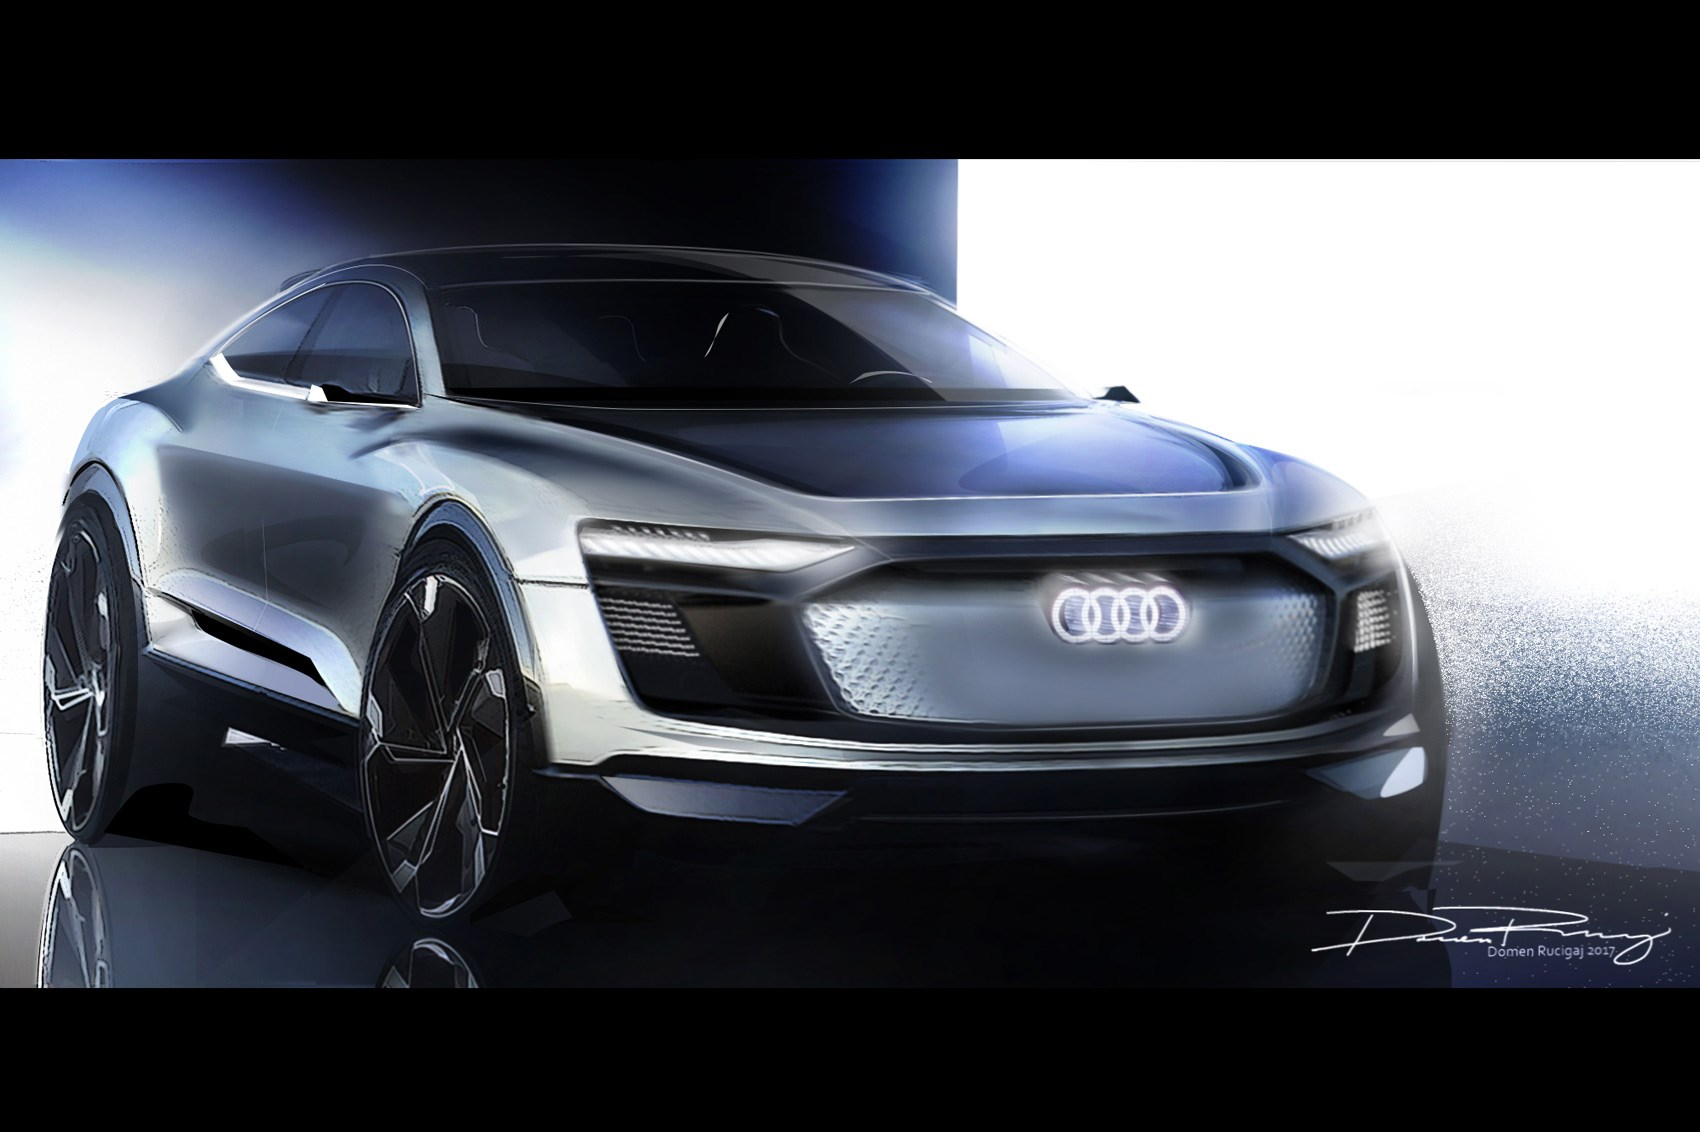 Age of e-tron: Audi e-tron Sportback concept surges EV plans